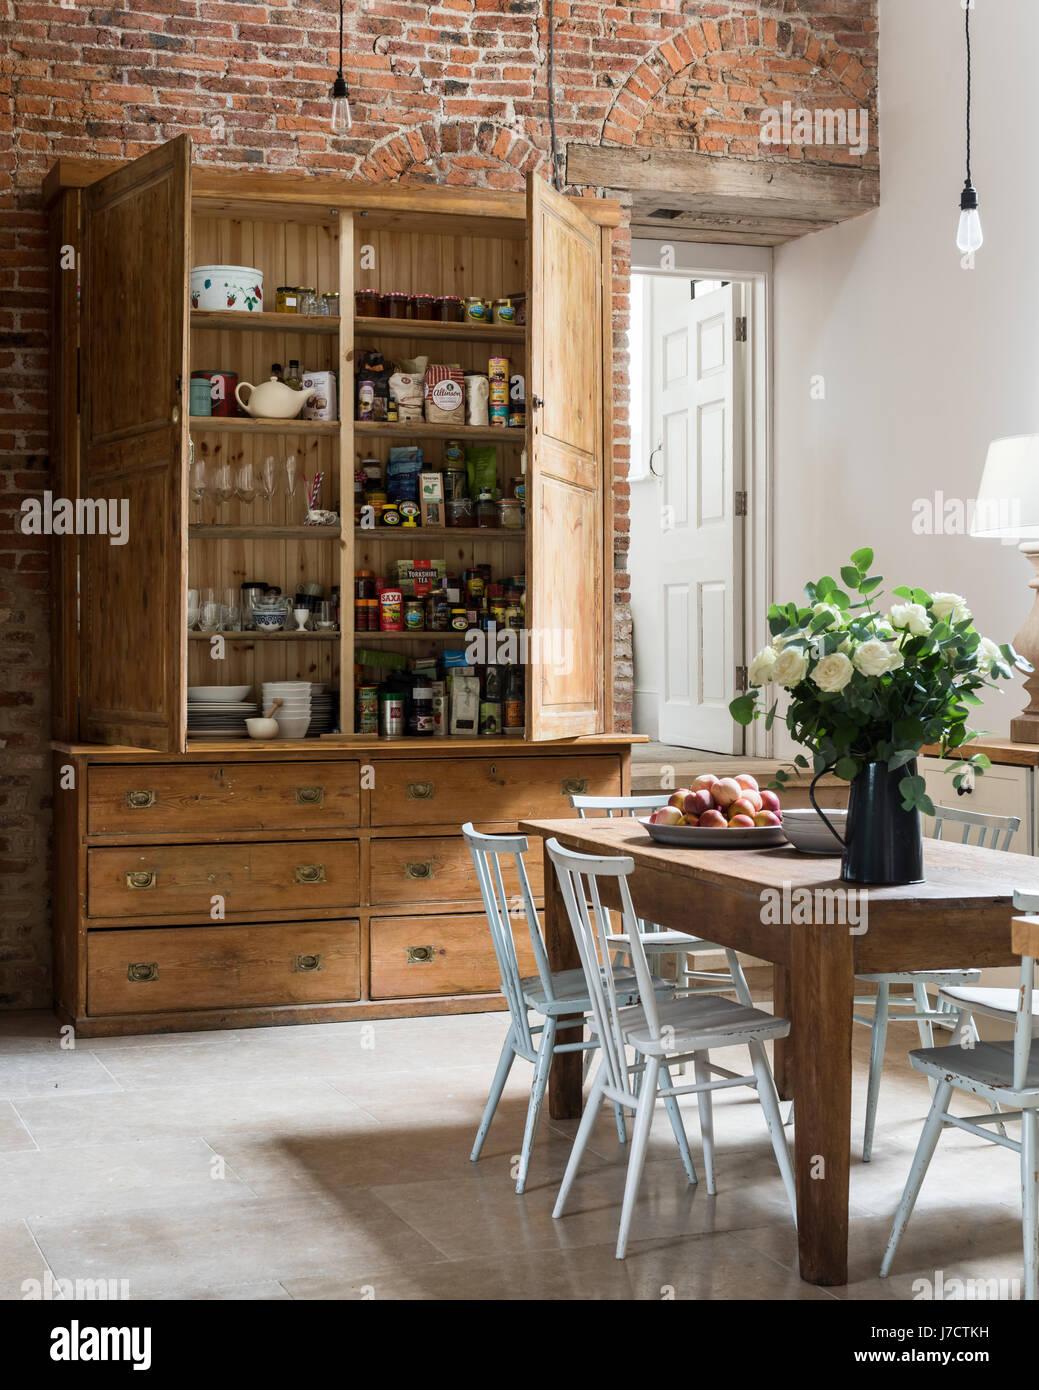 https www alamyimages fr photo image grand garde manger placard de cuisine spacieuse avec mur en briques apparentes et table en bois ferme 142268325 html